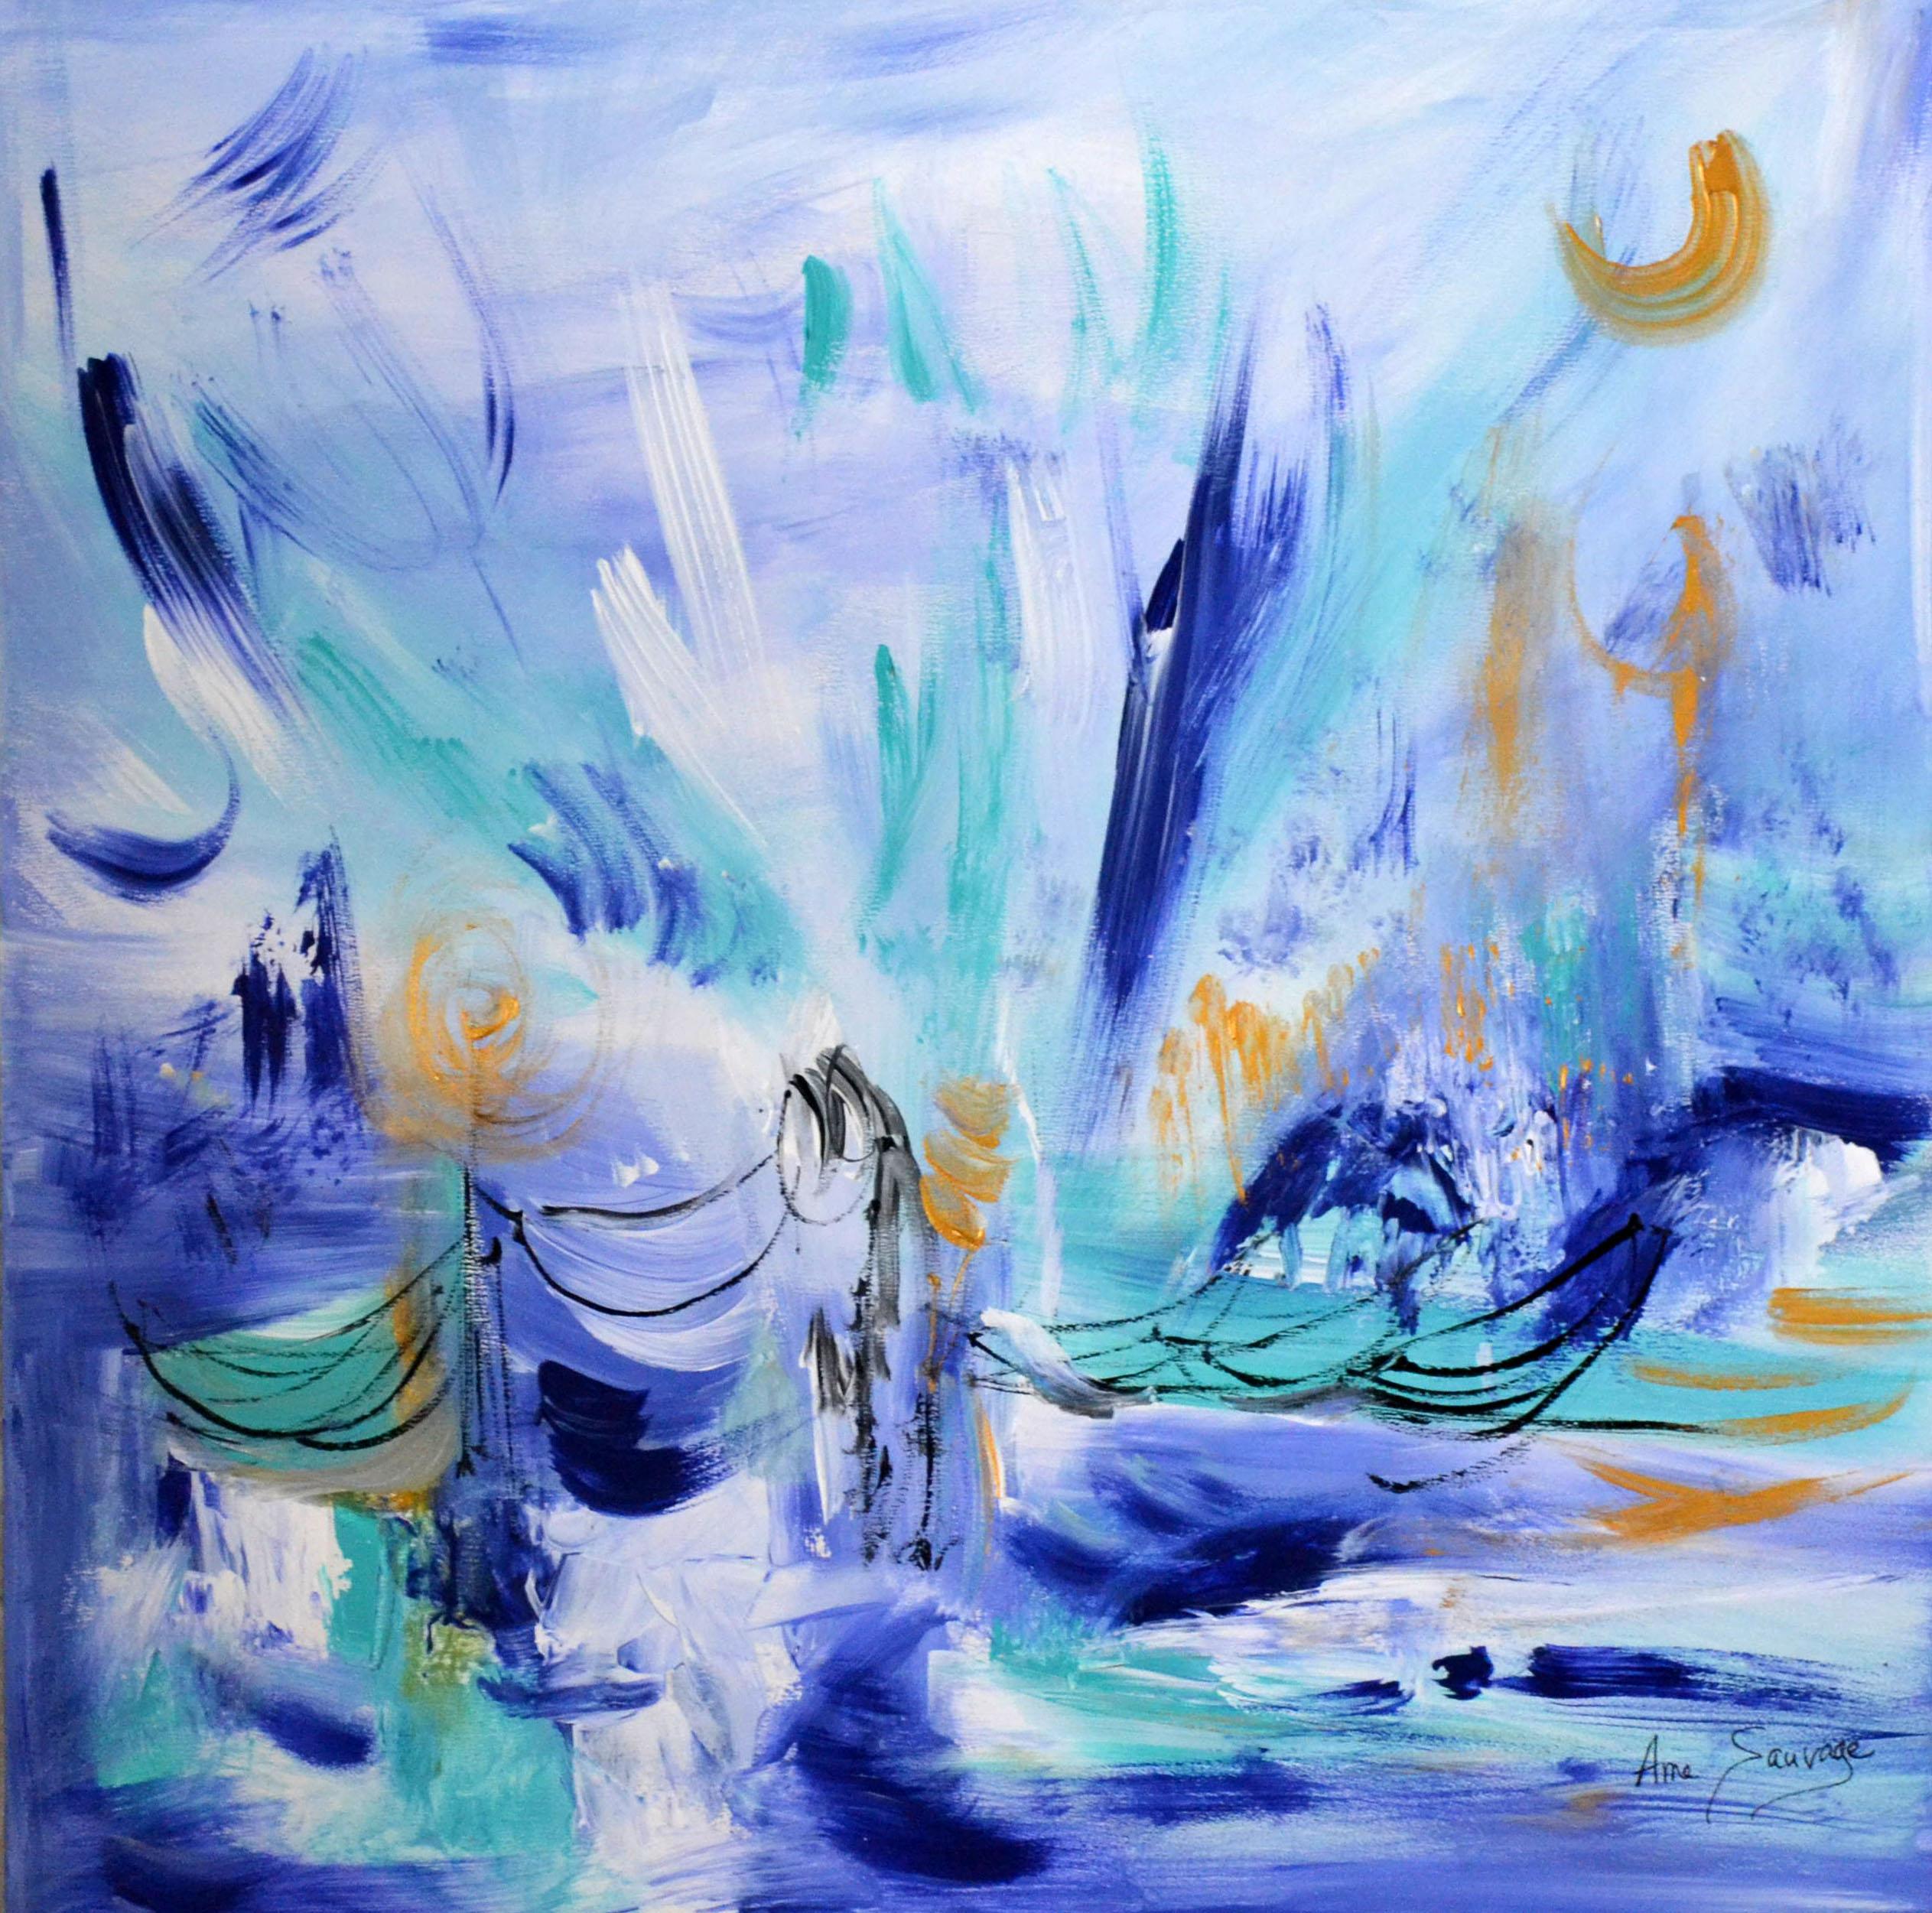 tableau abstrait bleu unique